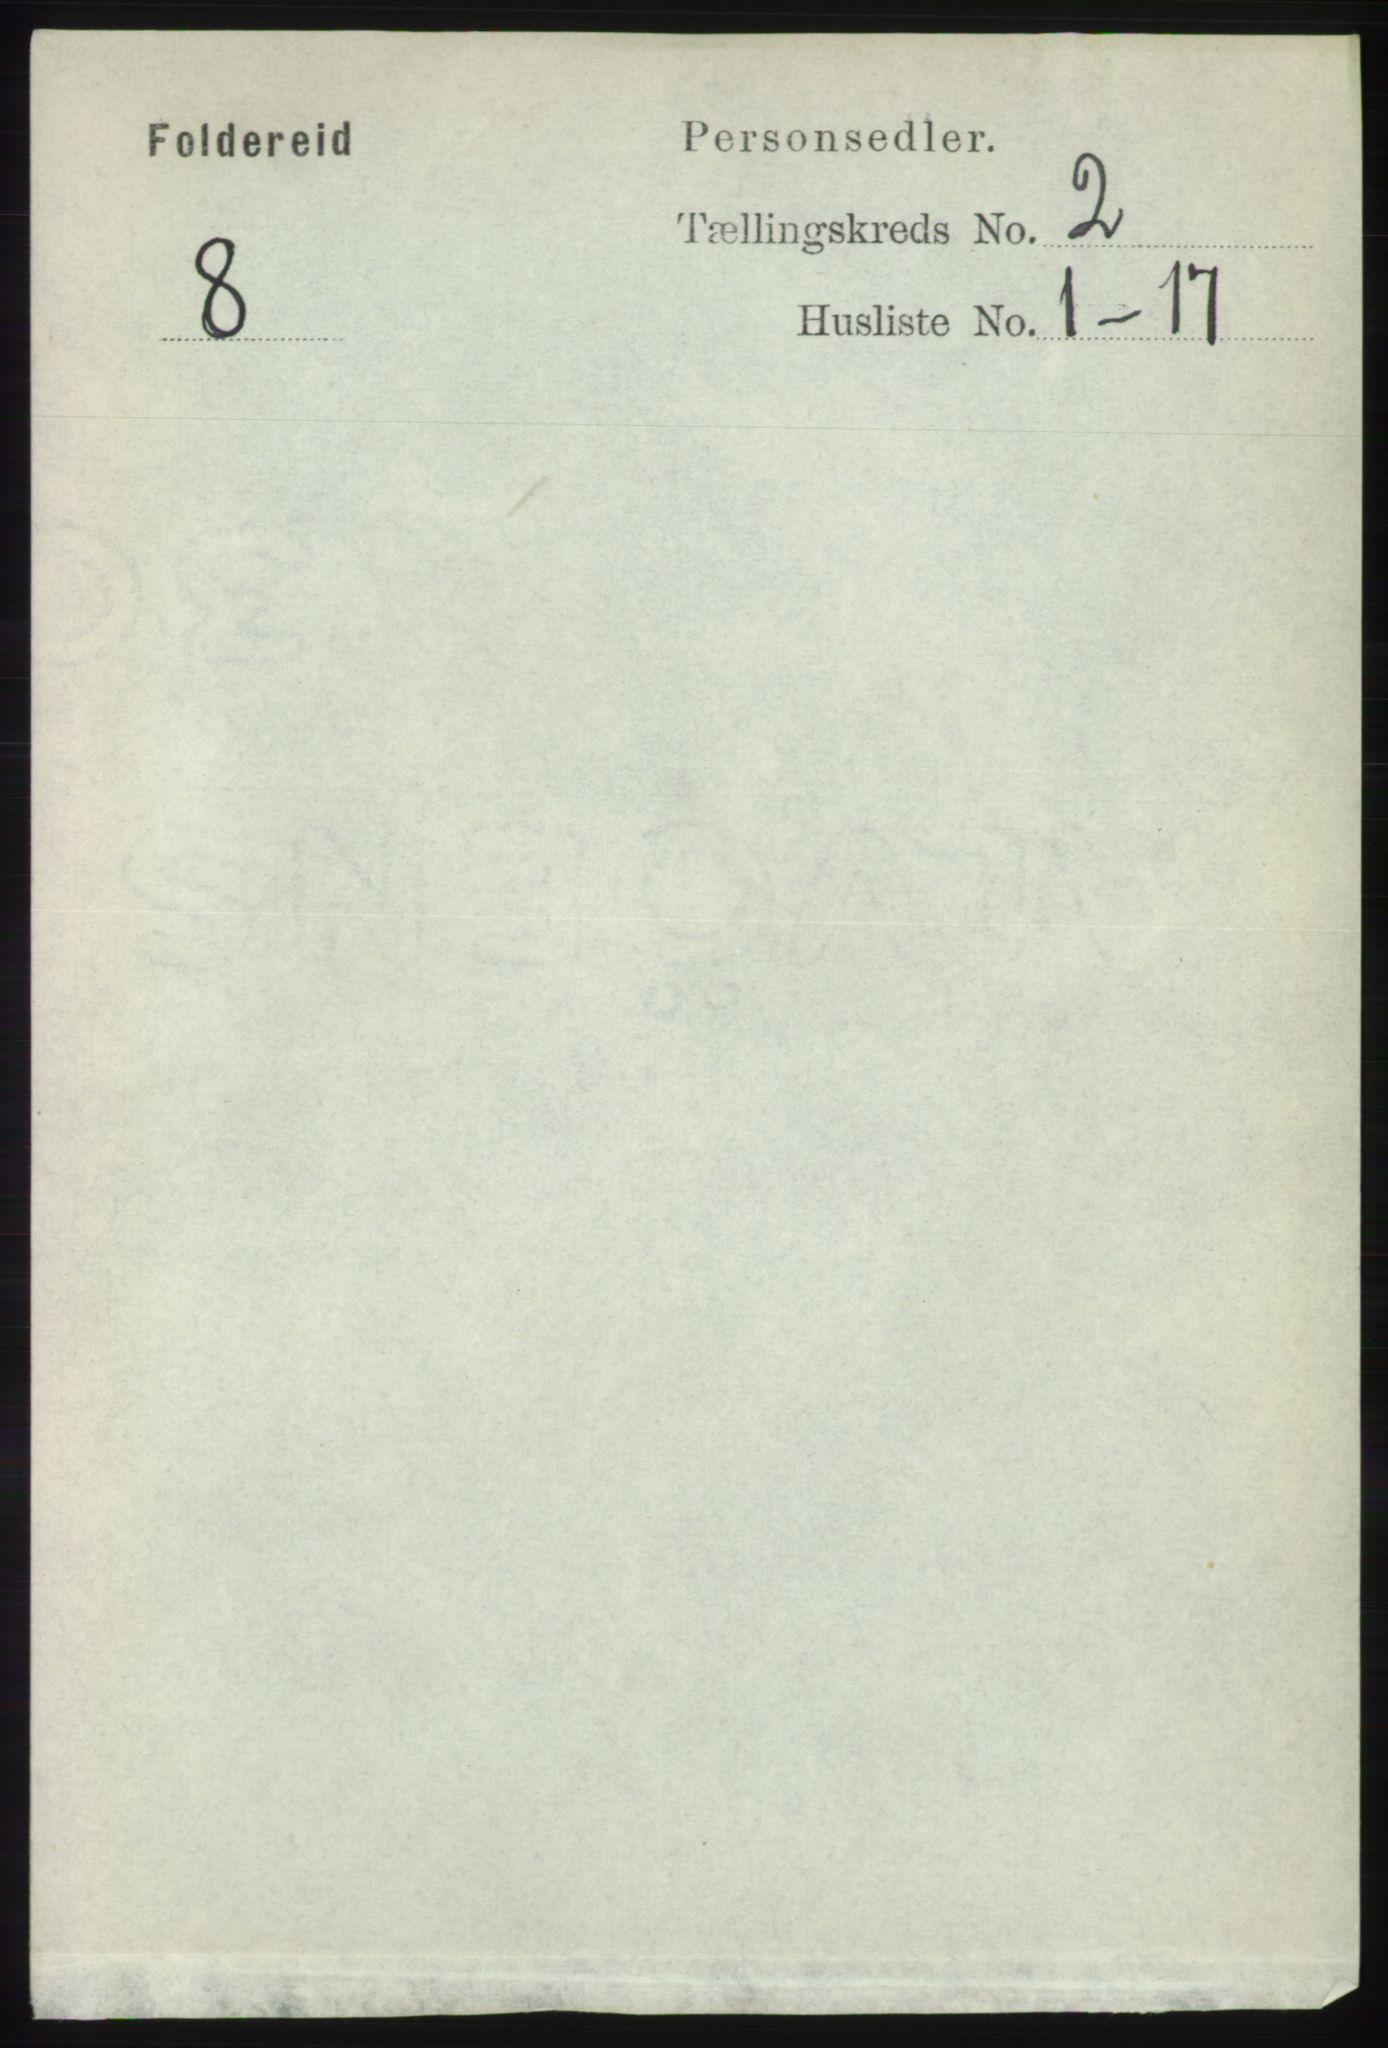 RA, Folketelling 1891 for 1753 Foldereid herred, 1891, s. 856